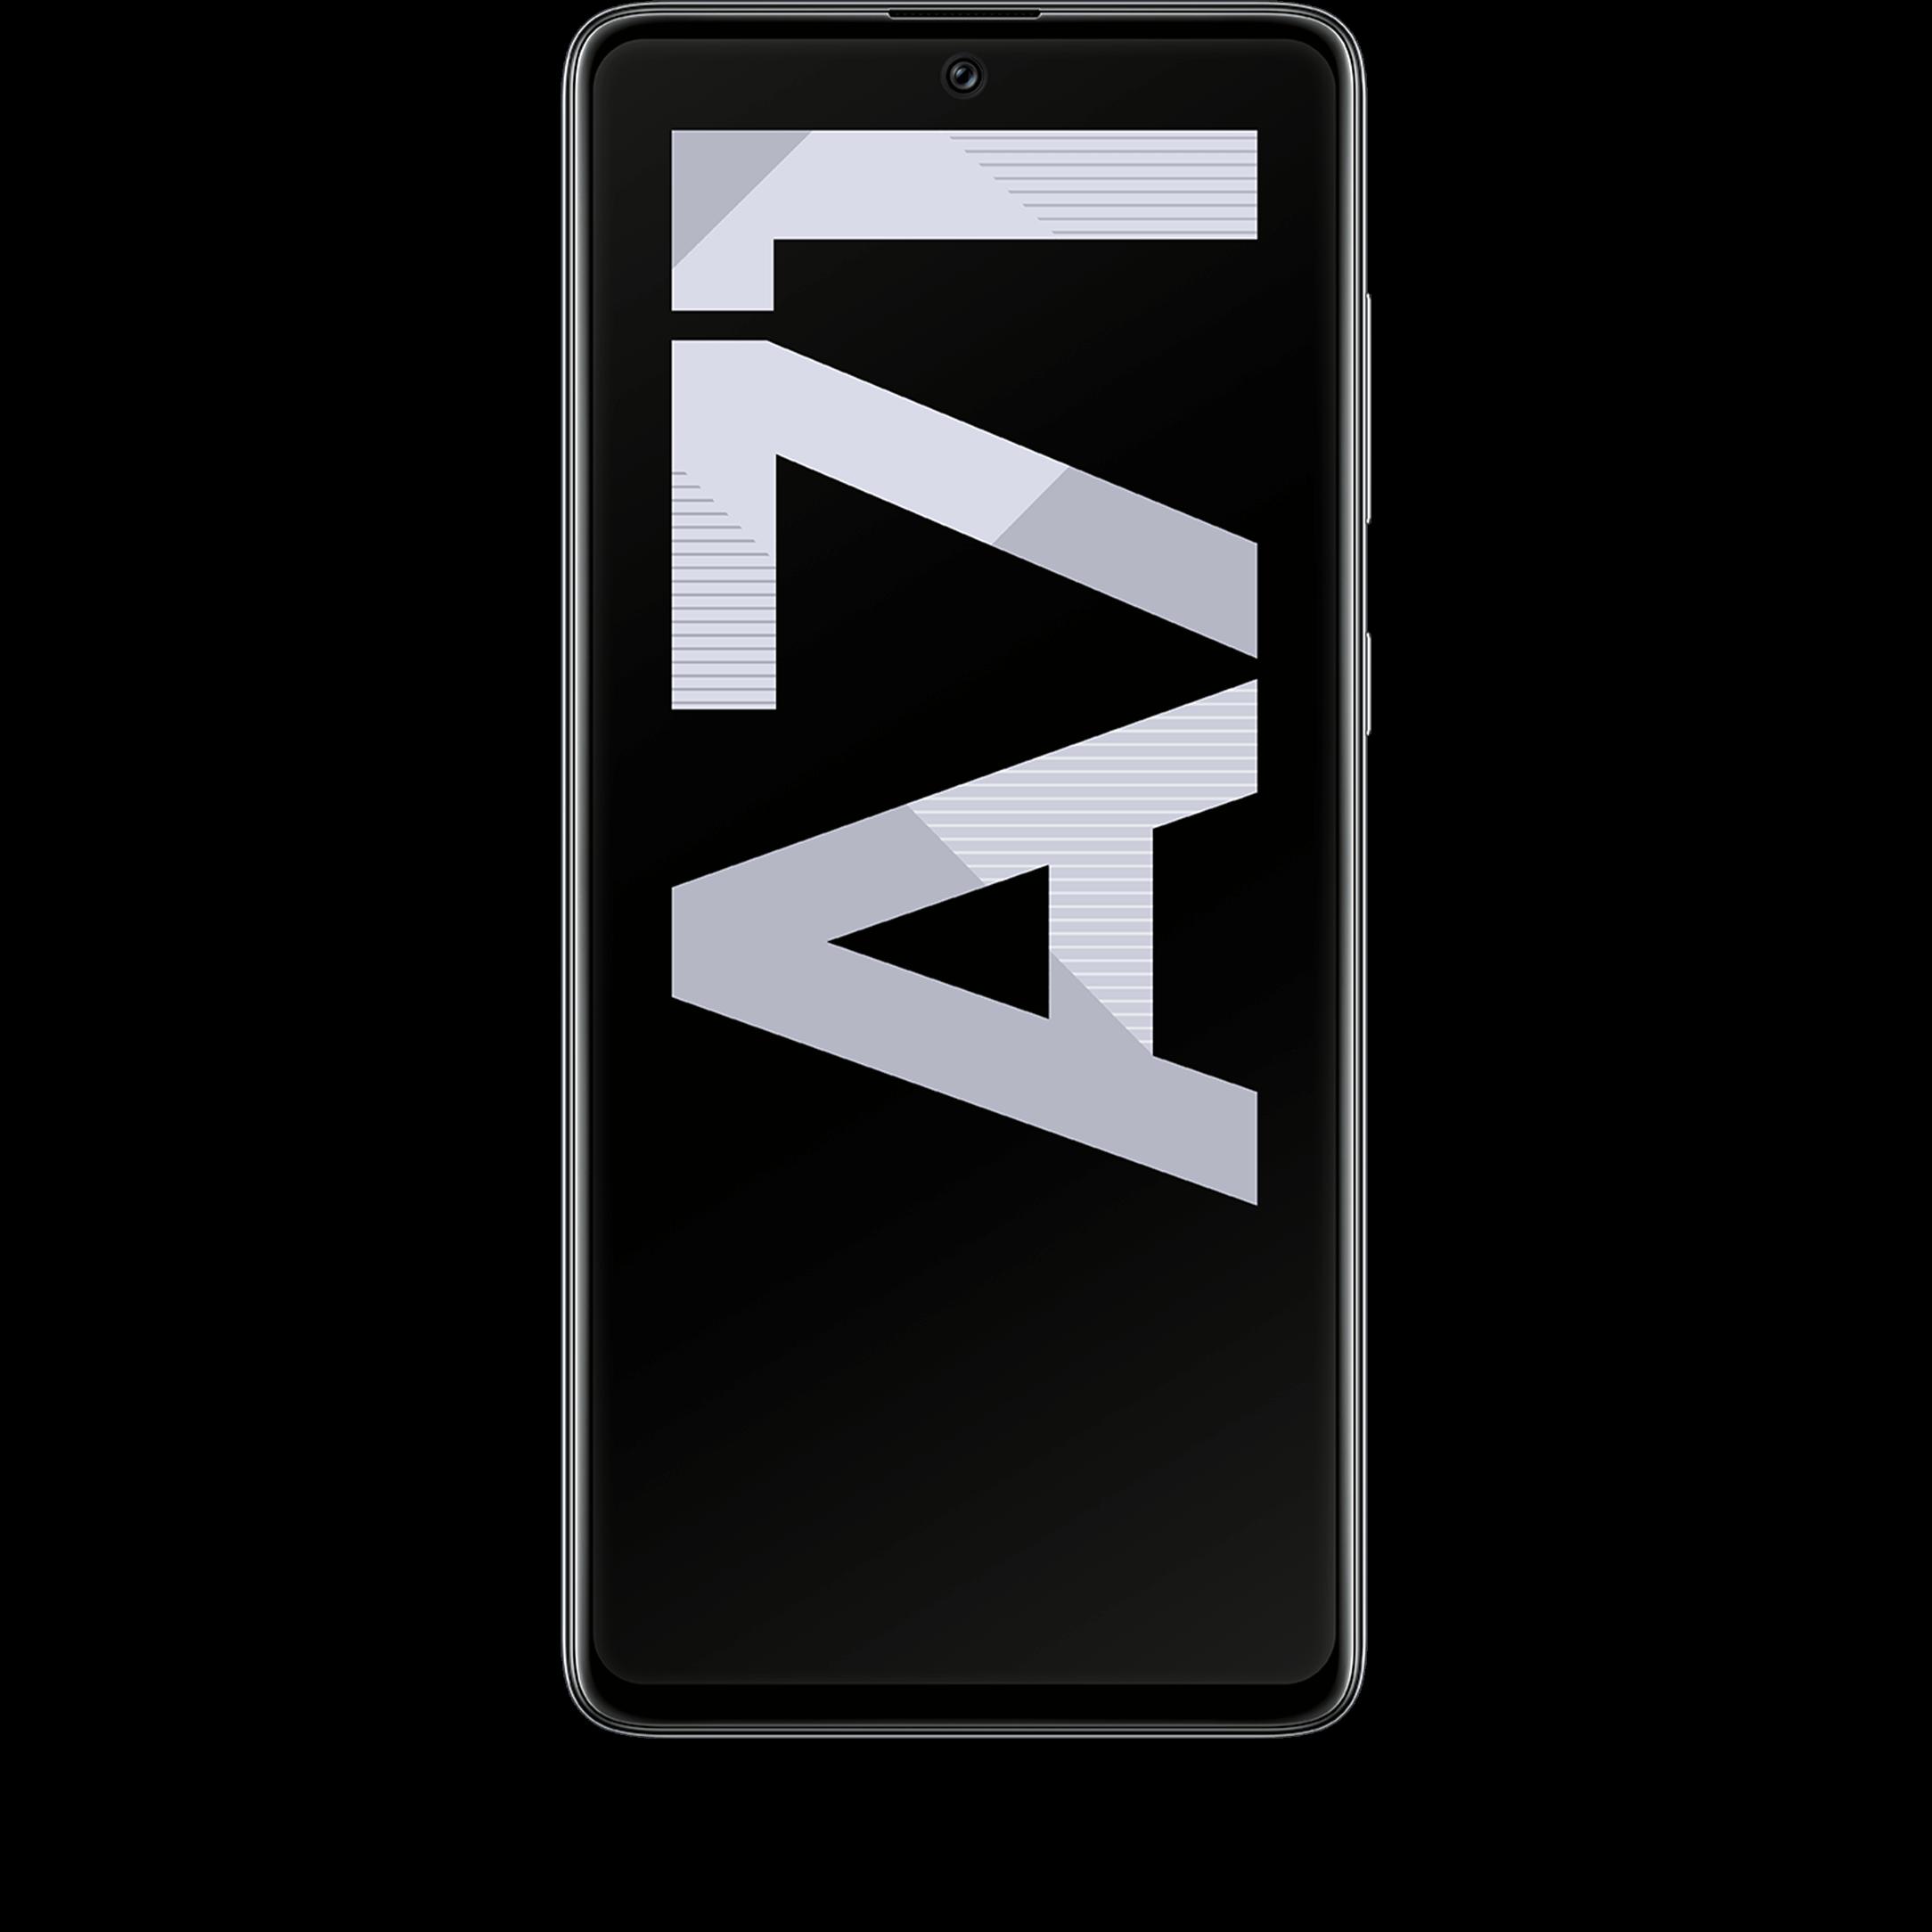 Günstig Kaufen beim Preisvergleich-Samsung Galaxy A71 128 GB prism crush white mit Allnet Flat L